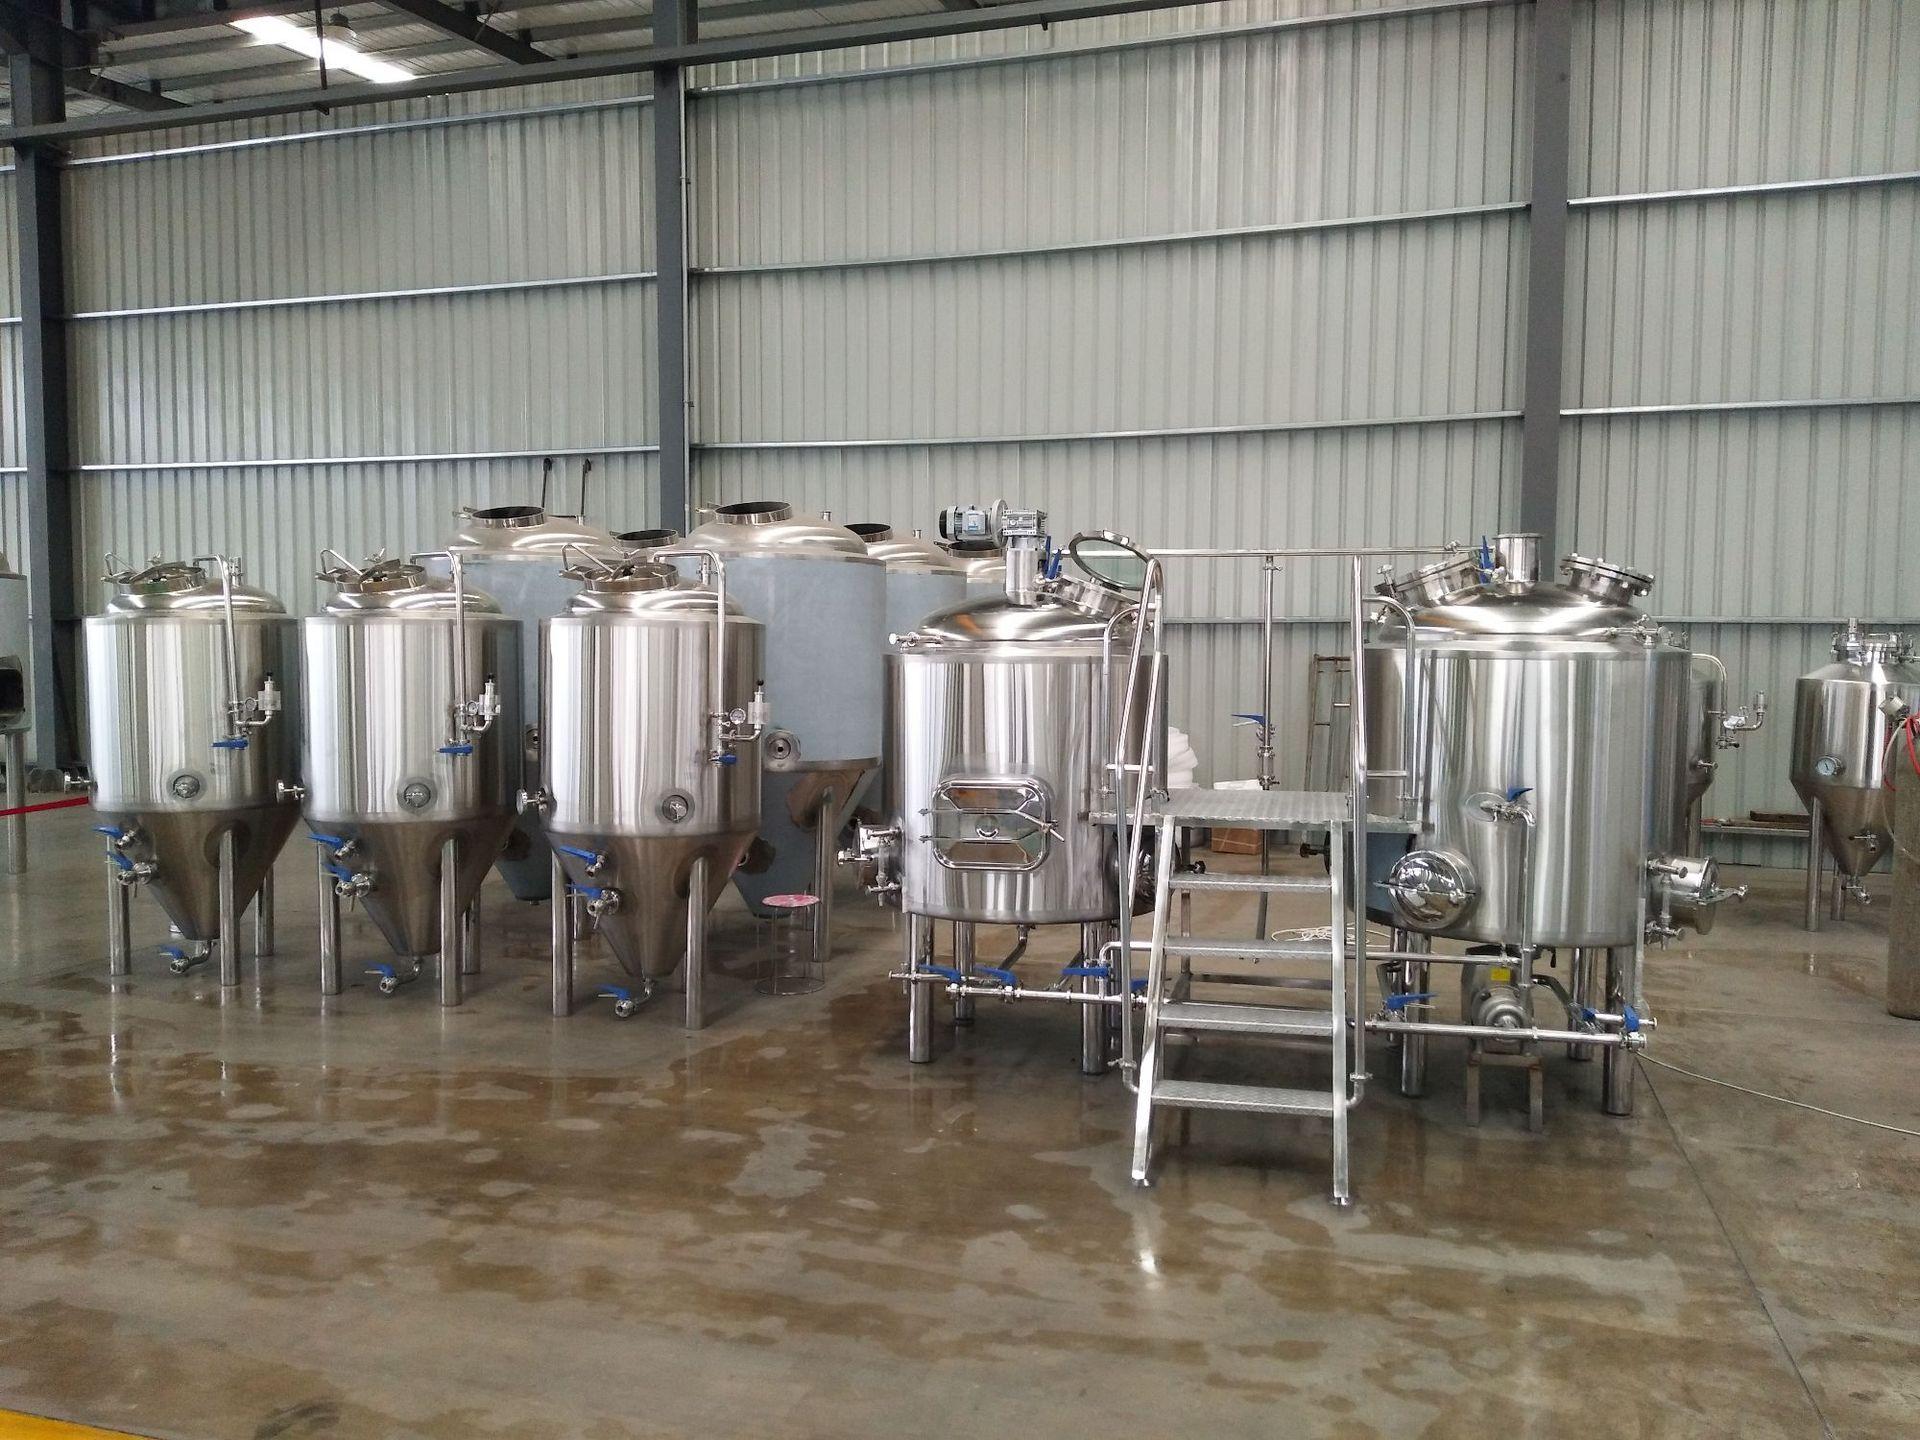 厂家直销小型啤酒生产线 精酿啤酒设备 自酿扎啤机 不锈钢发酵罐